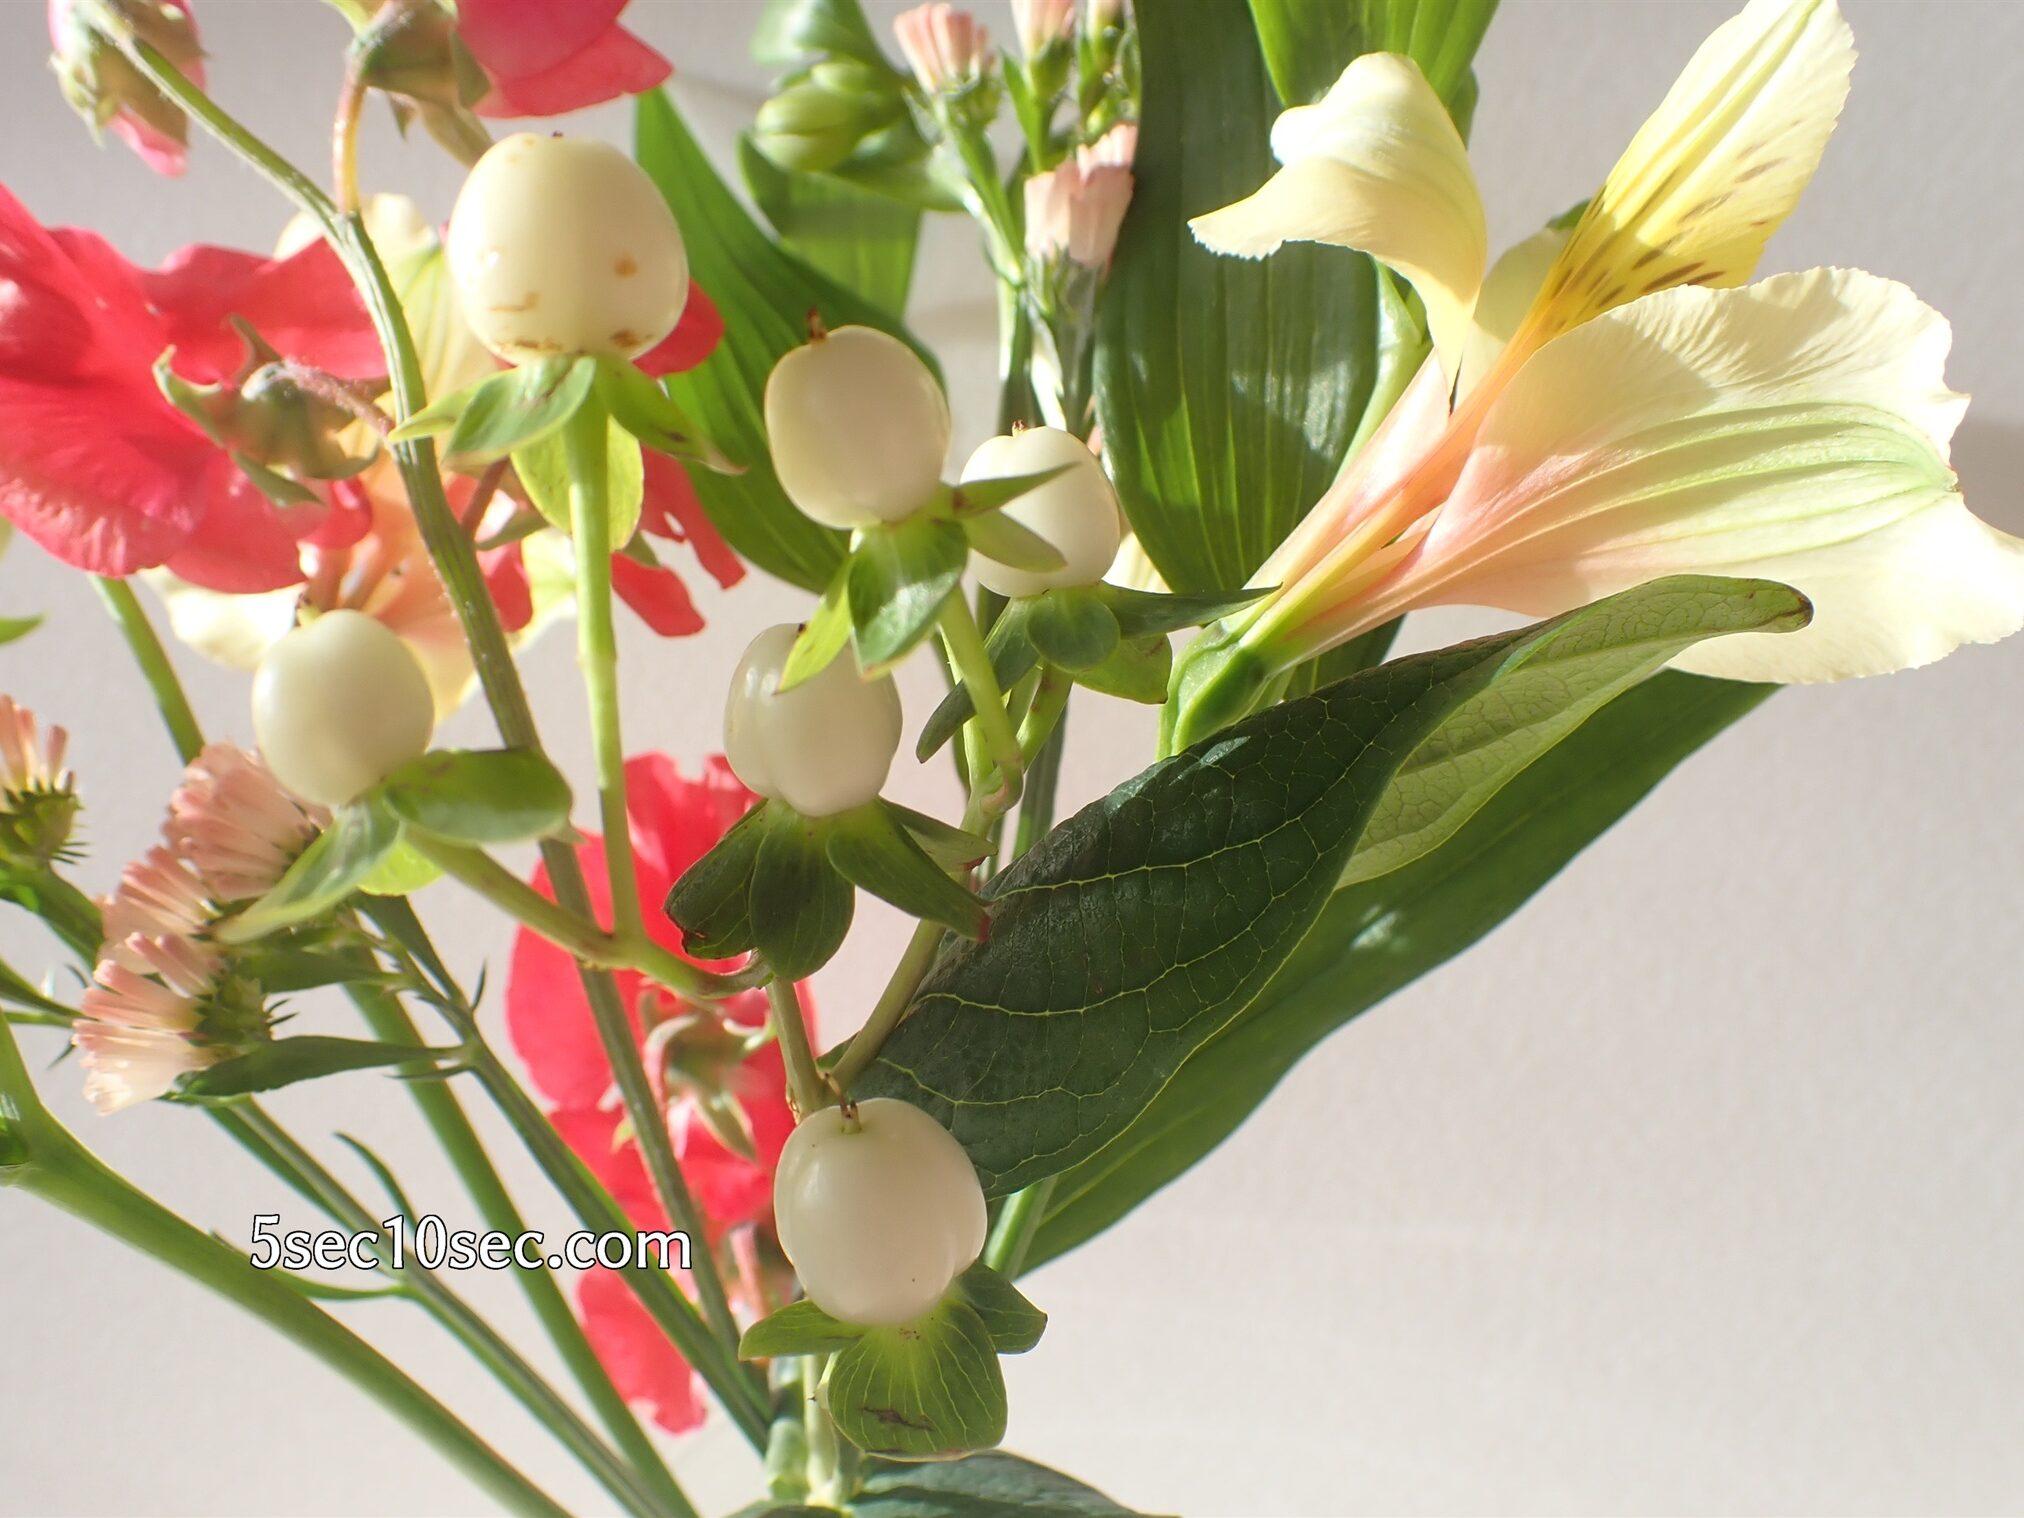 Bloomee LIFE(ブルーミーライフ)レギュラープラン ヒペリカム ココウノを入れたお花のアレンジ